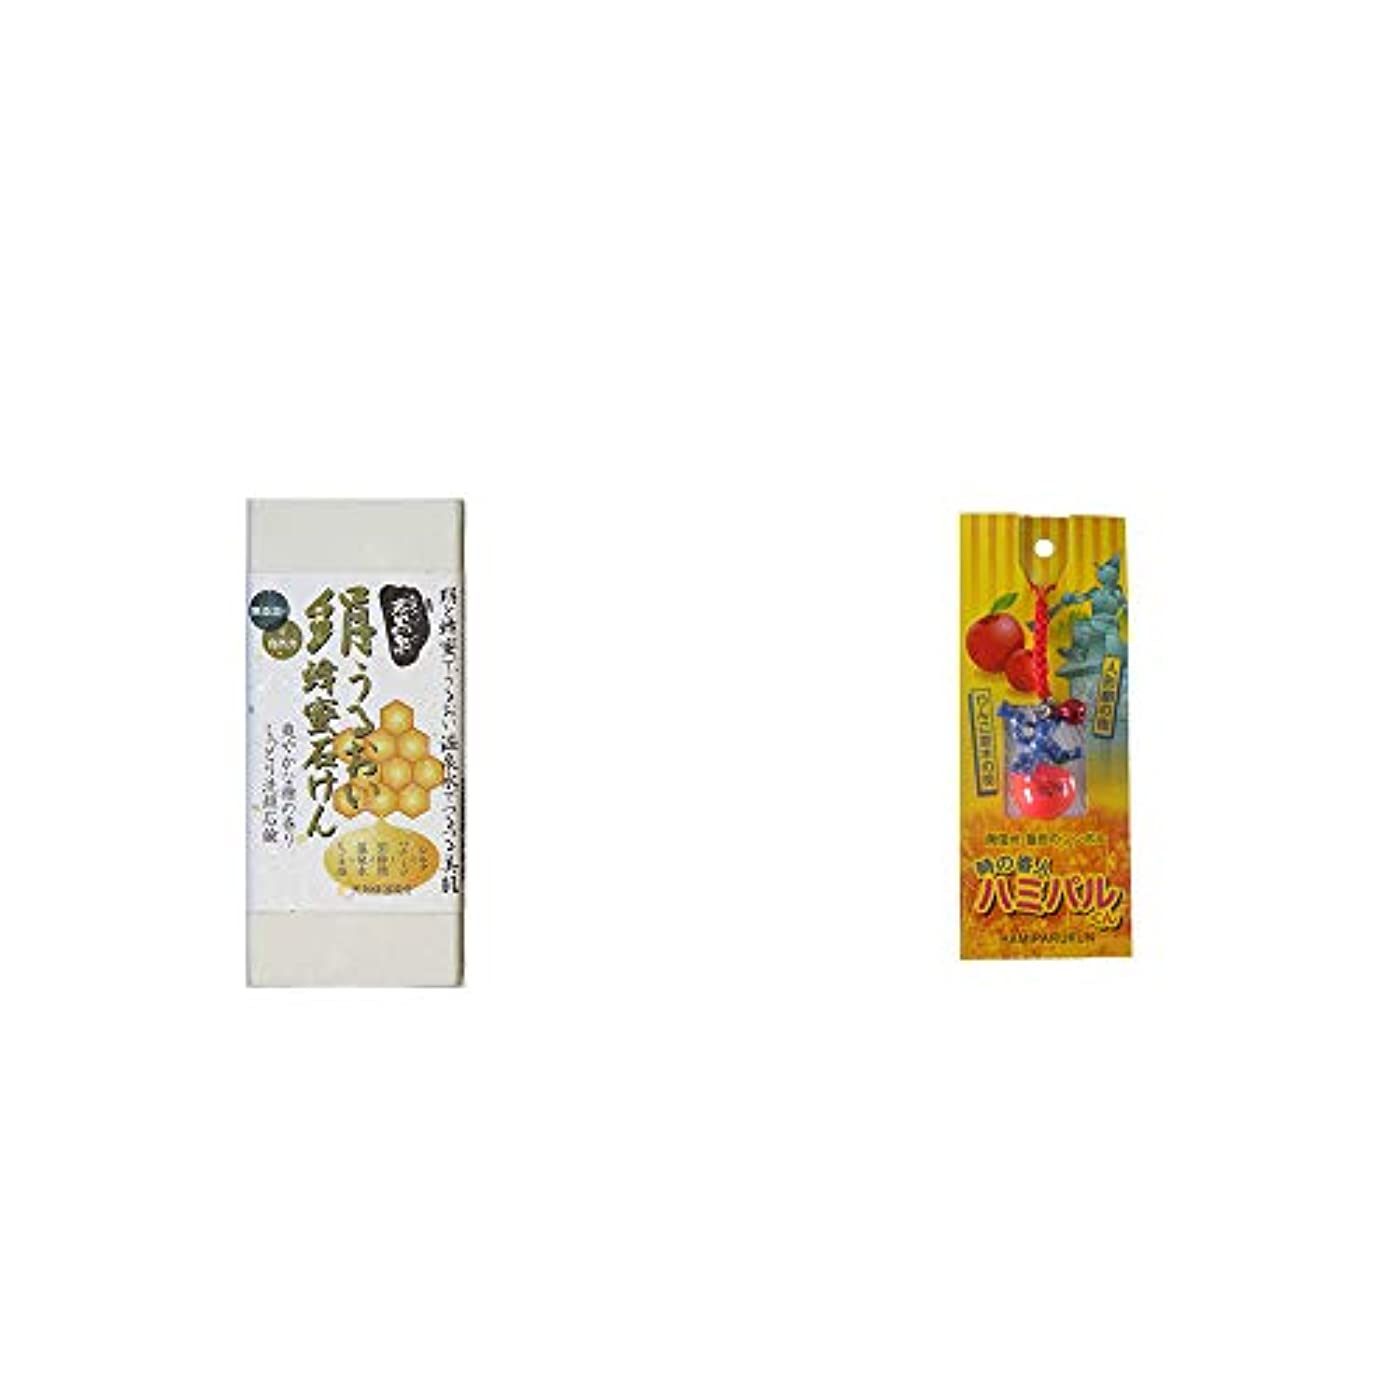 キャンプモバイル注入[2点セット] ひのき炭黒泉 絹うるおい蜂蜜石けん(75g×2)?信州?飯田のシンボル 時の番人ハミパルくんストラップ